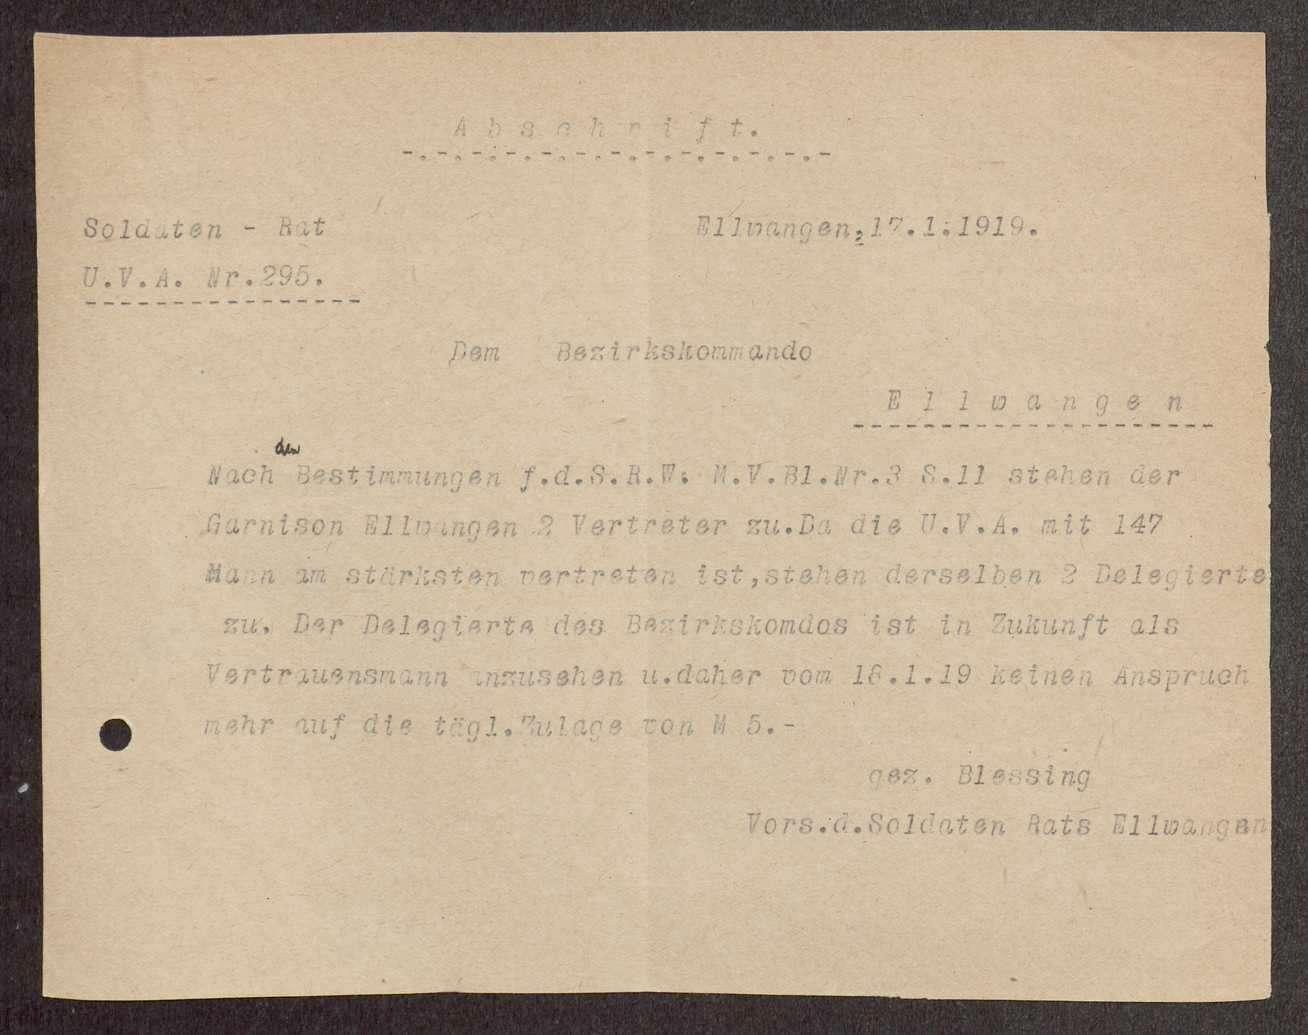 Garnisonsrat Ellwangen: Bildung, Wahl und Zusammensetzung, Aufhebung, Bild 3